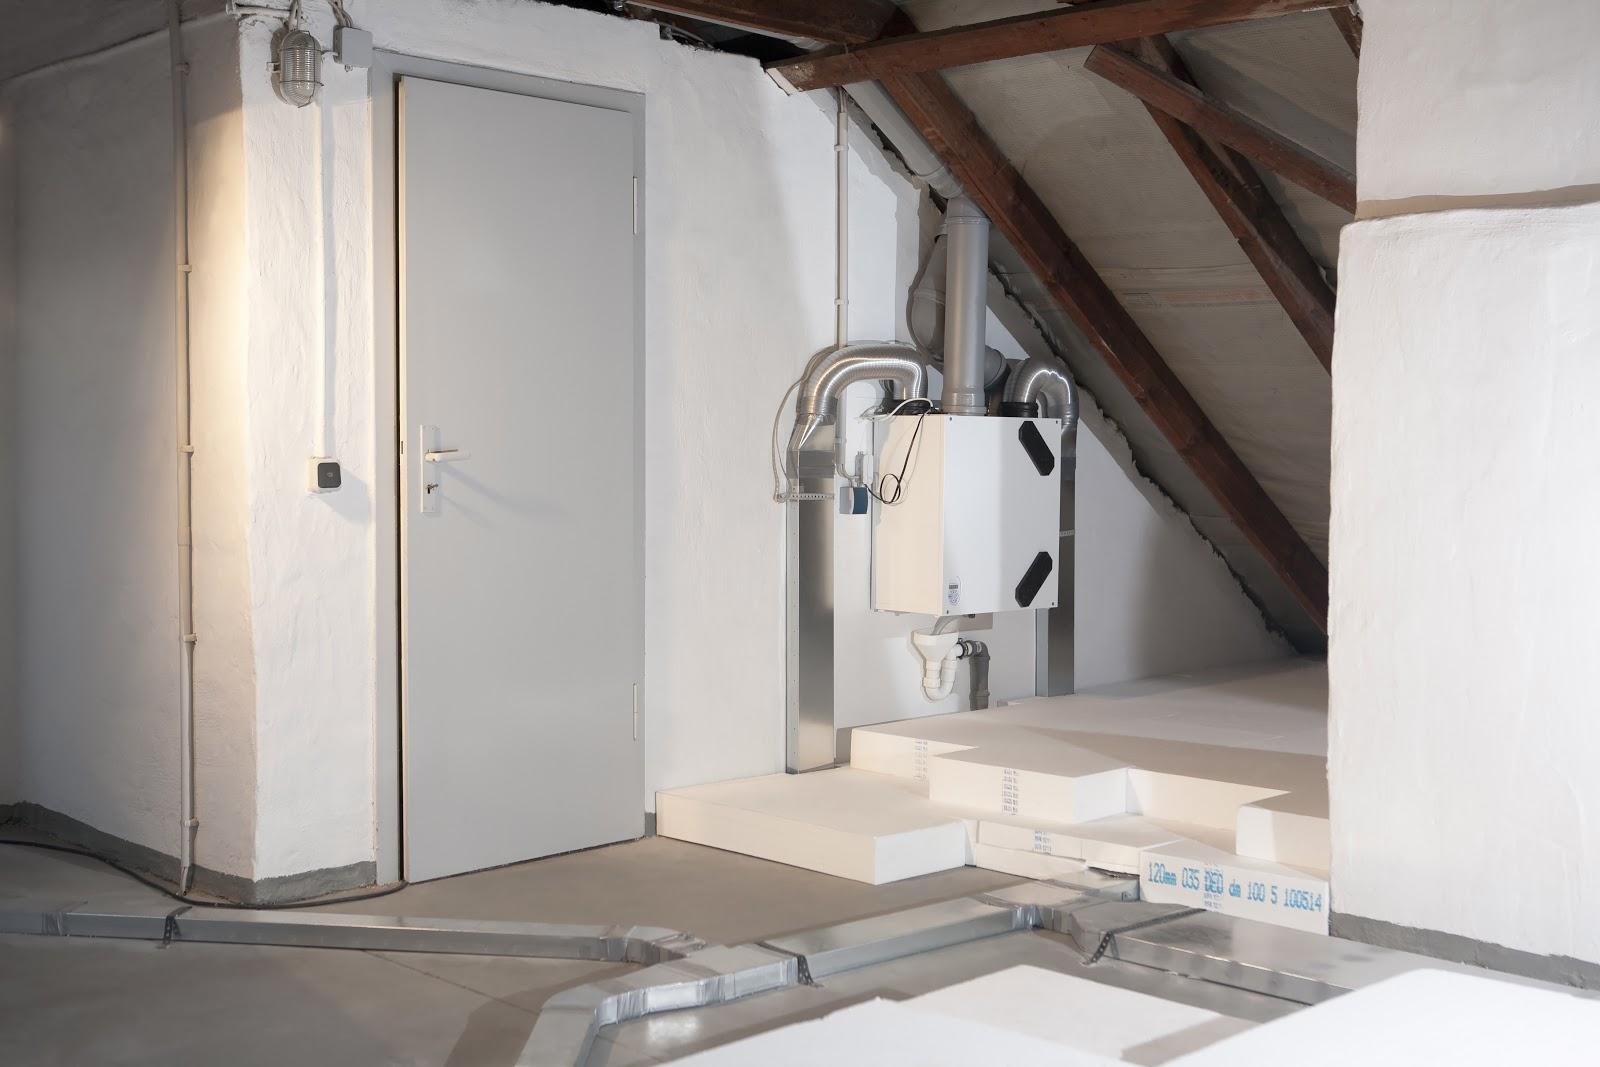 Soorten ventilatiesystemen en kosten